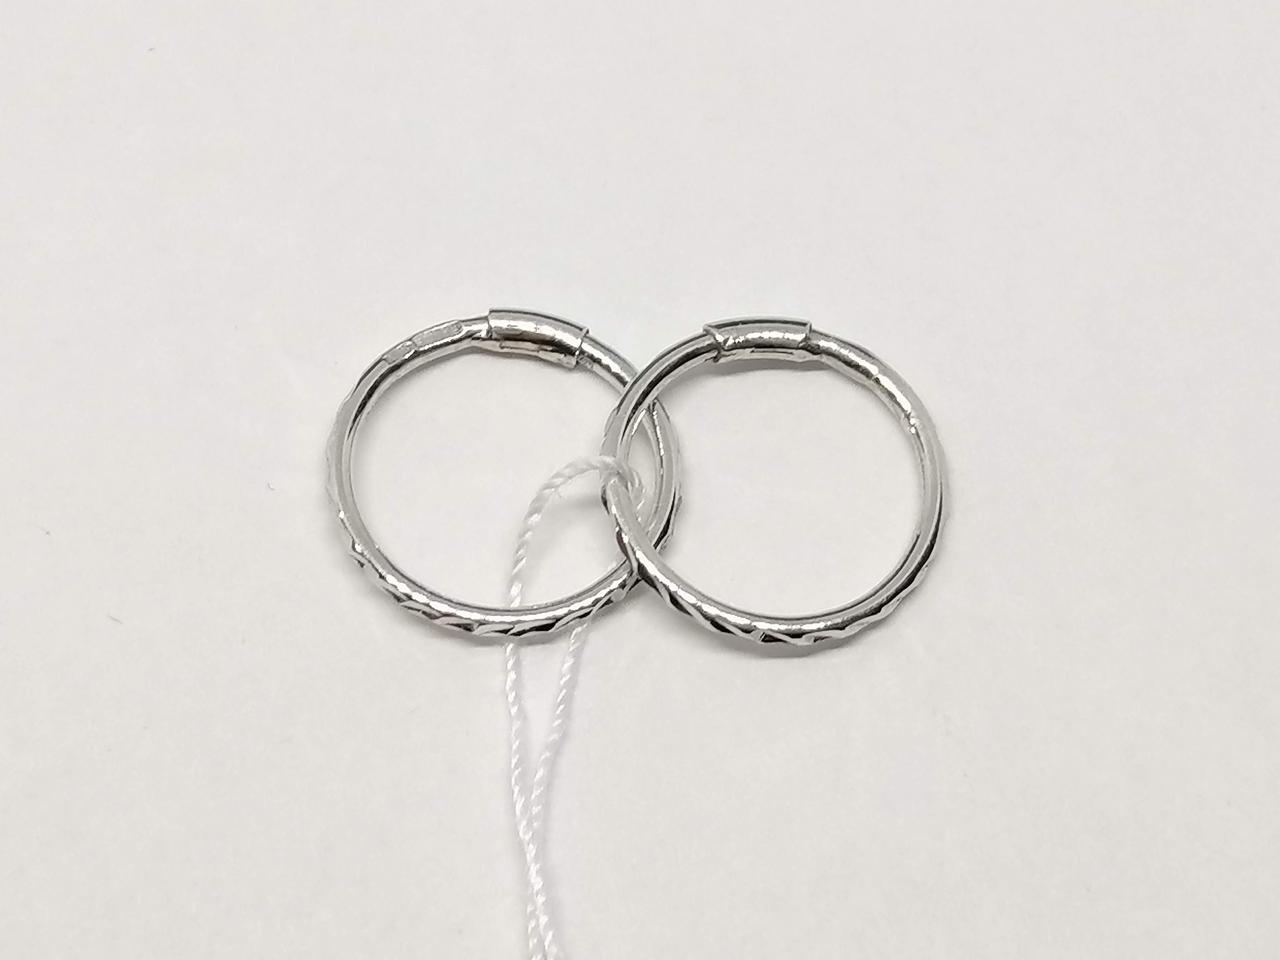 Срібні сережки з алмазною гранню. Артикул 460061С